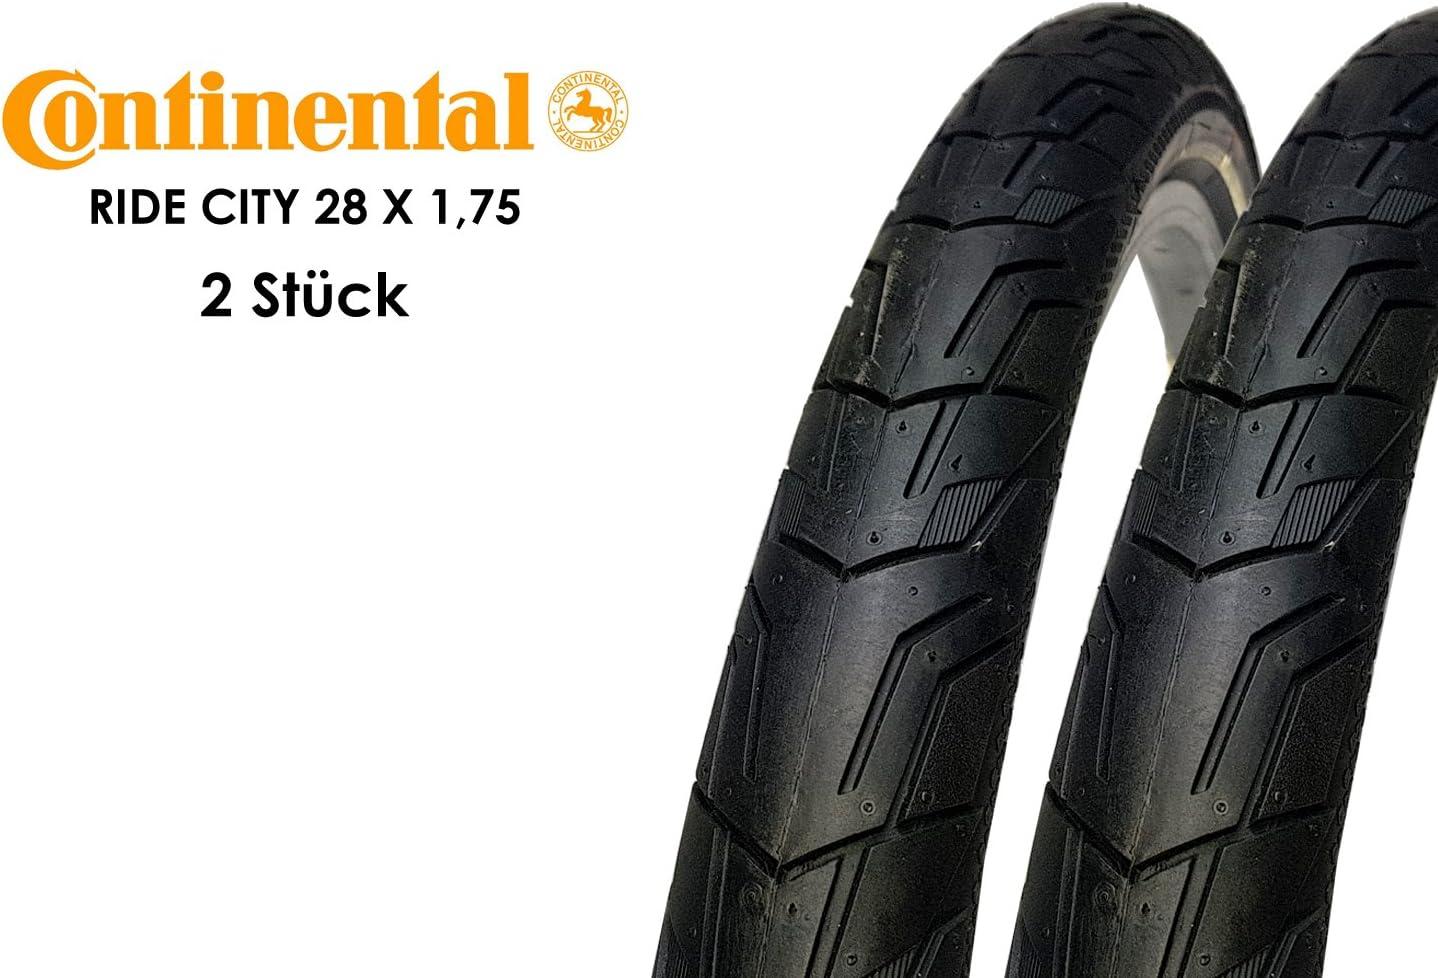 Reflex schwarz E-25 Draht 2 x  Continental Reifen 28x1.75  47-622 RIDE Tour